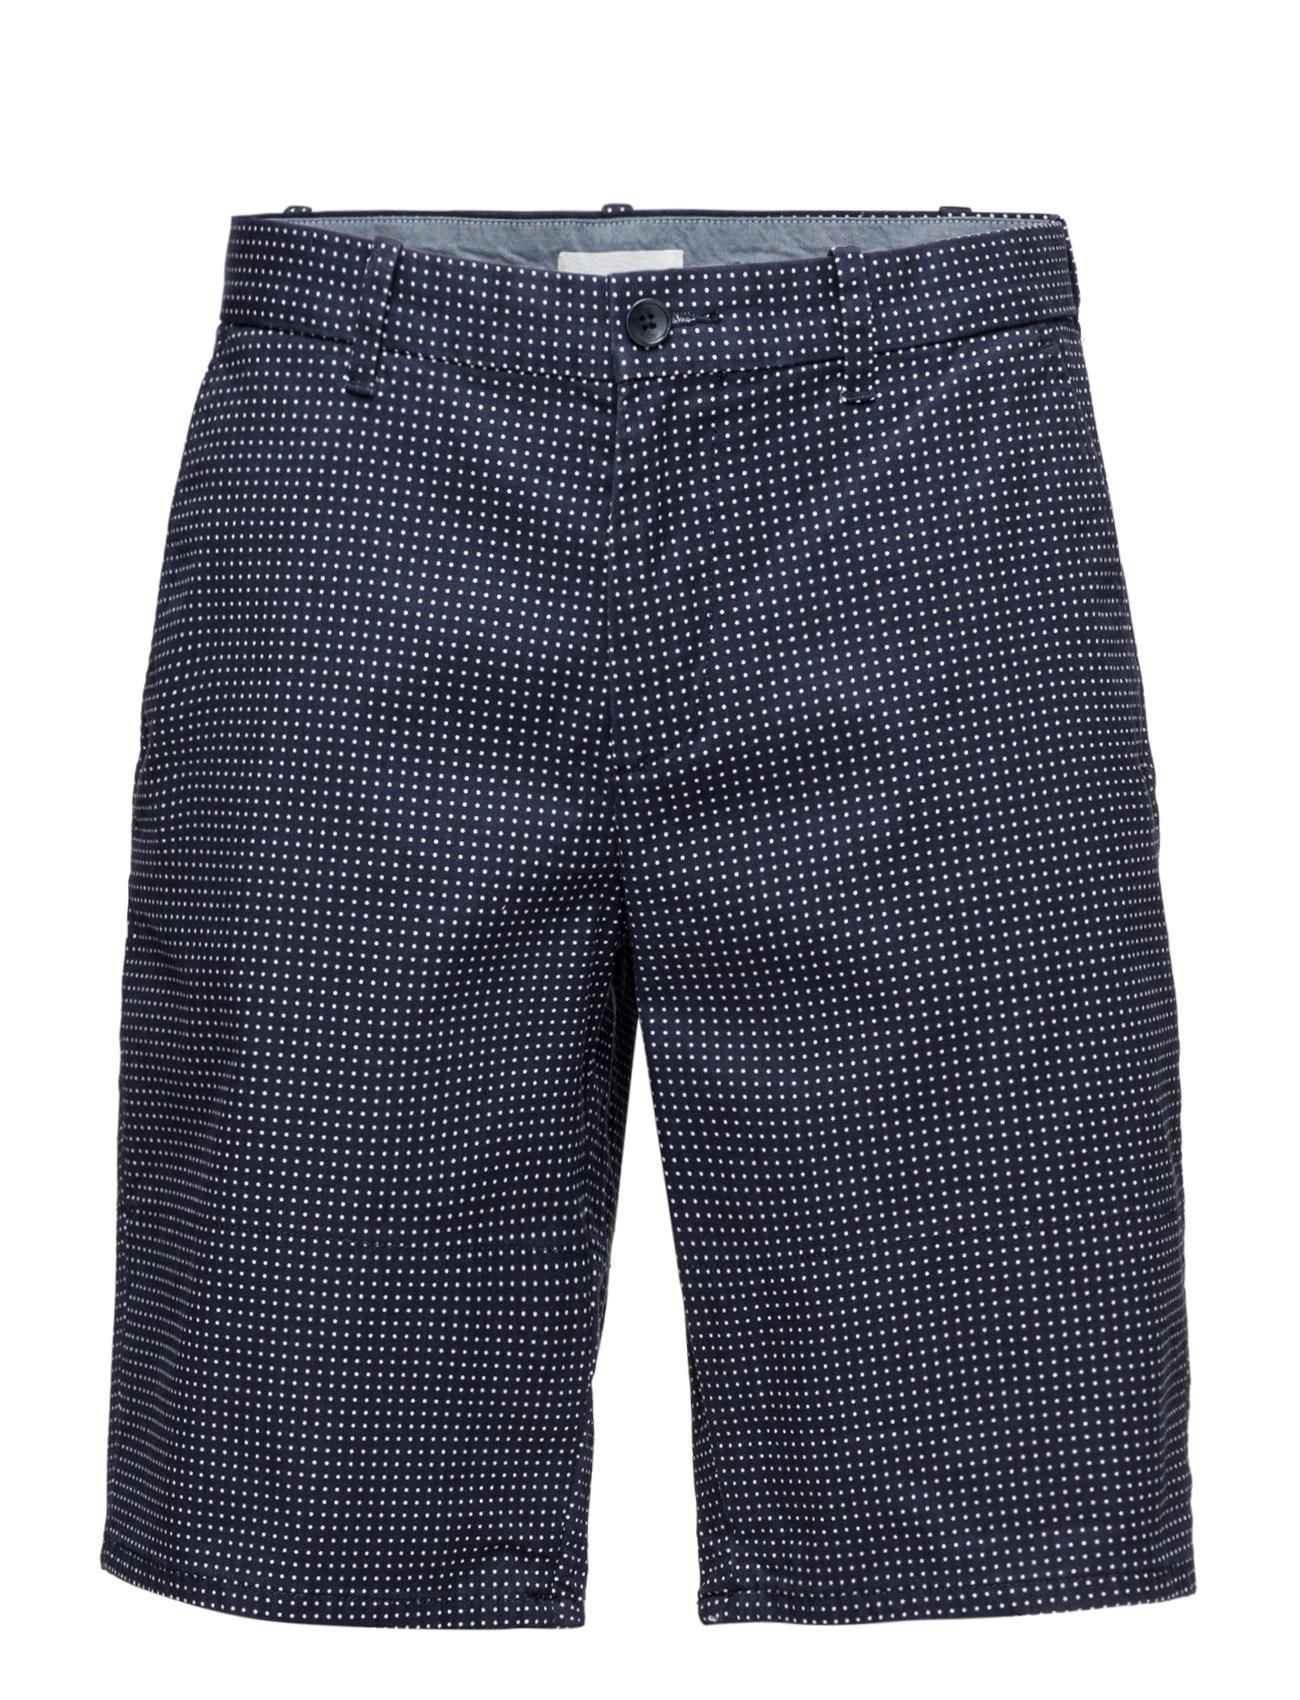 Bermudas Lacoste Bermuda shorts til Herrer i hvid